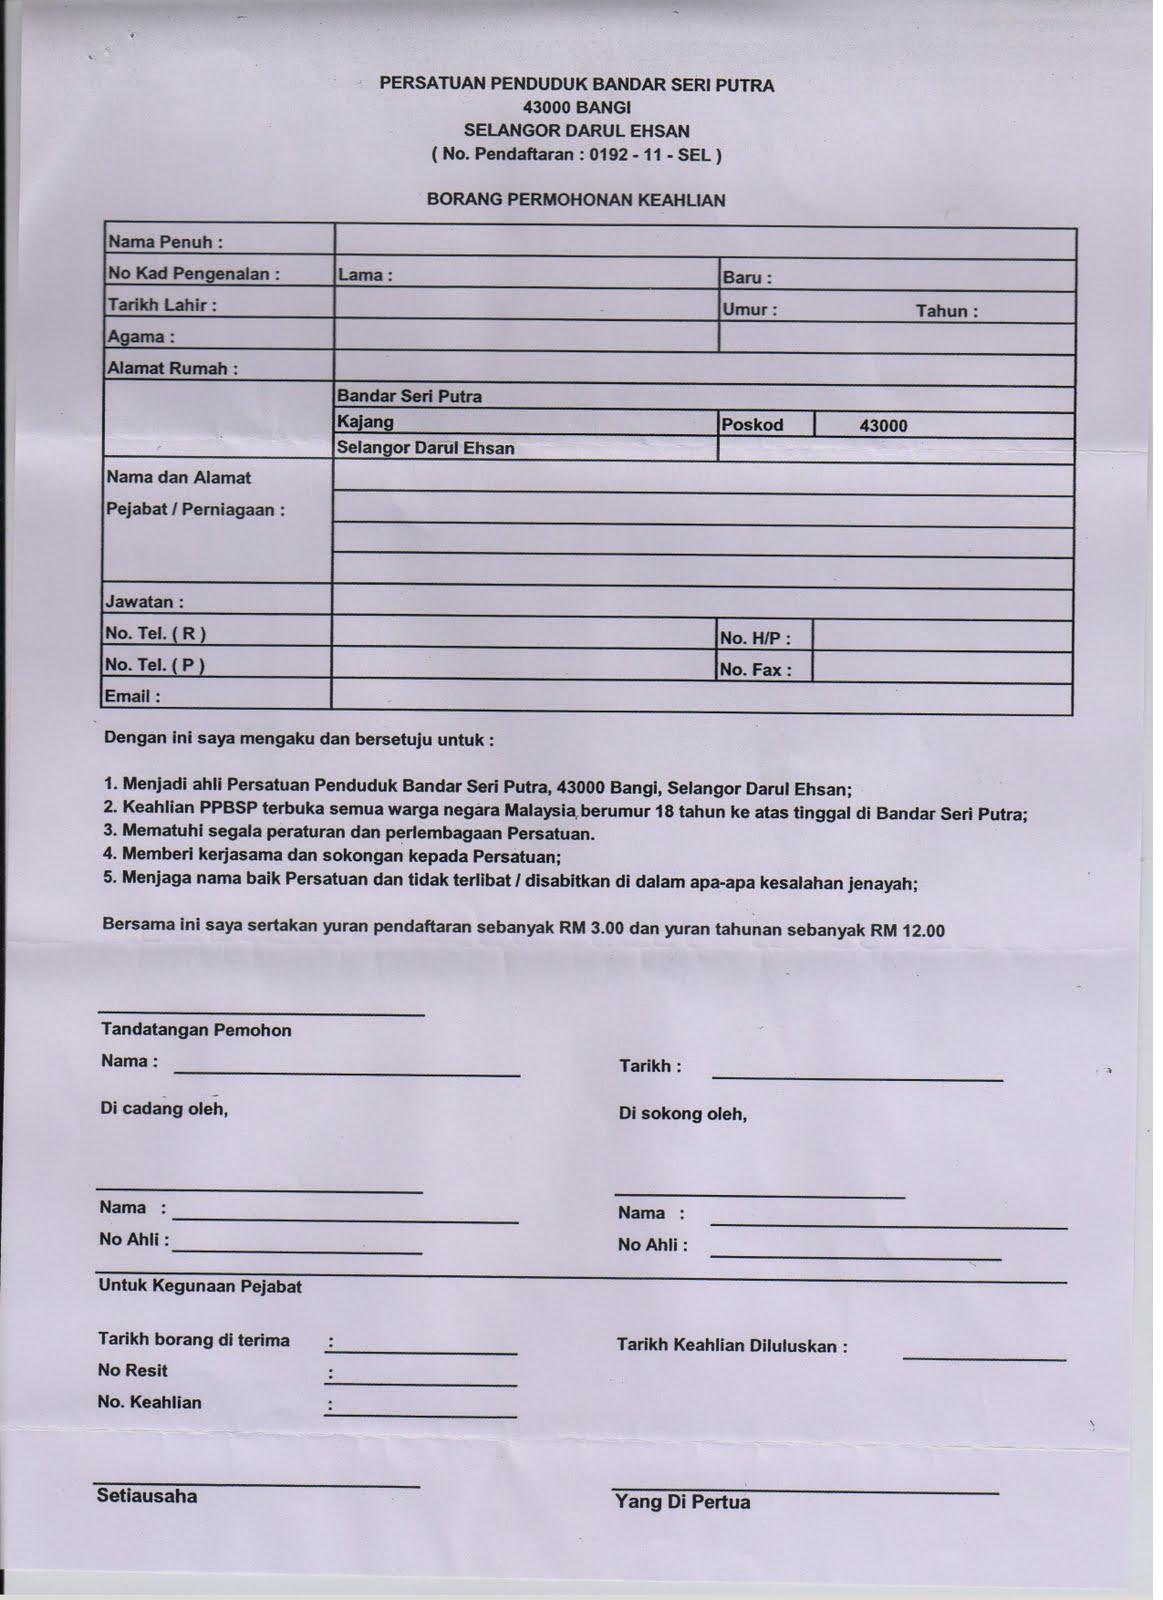 Khai Bsp Borang Pendaftaran Persatuan Penduduk Bandar Seri Putra Ppbsp